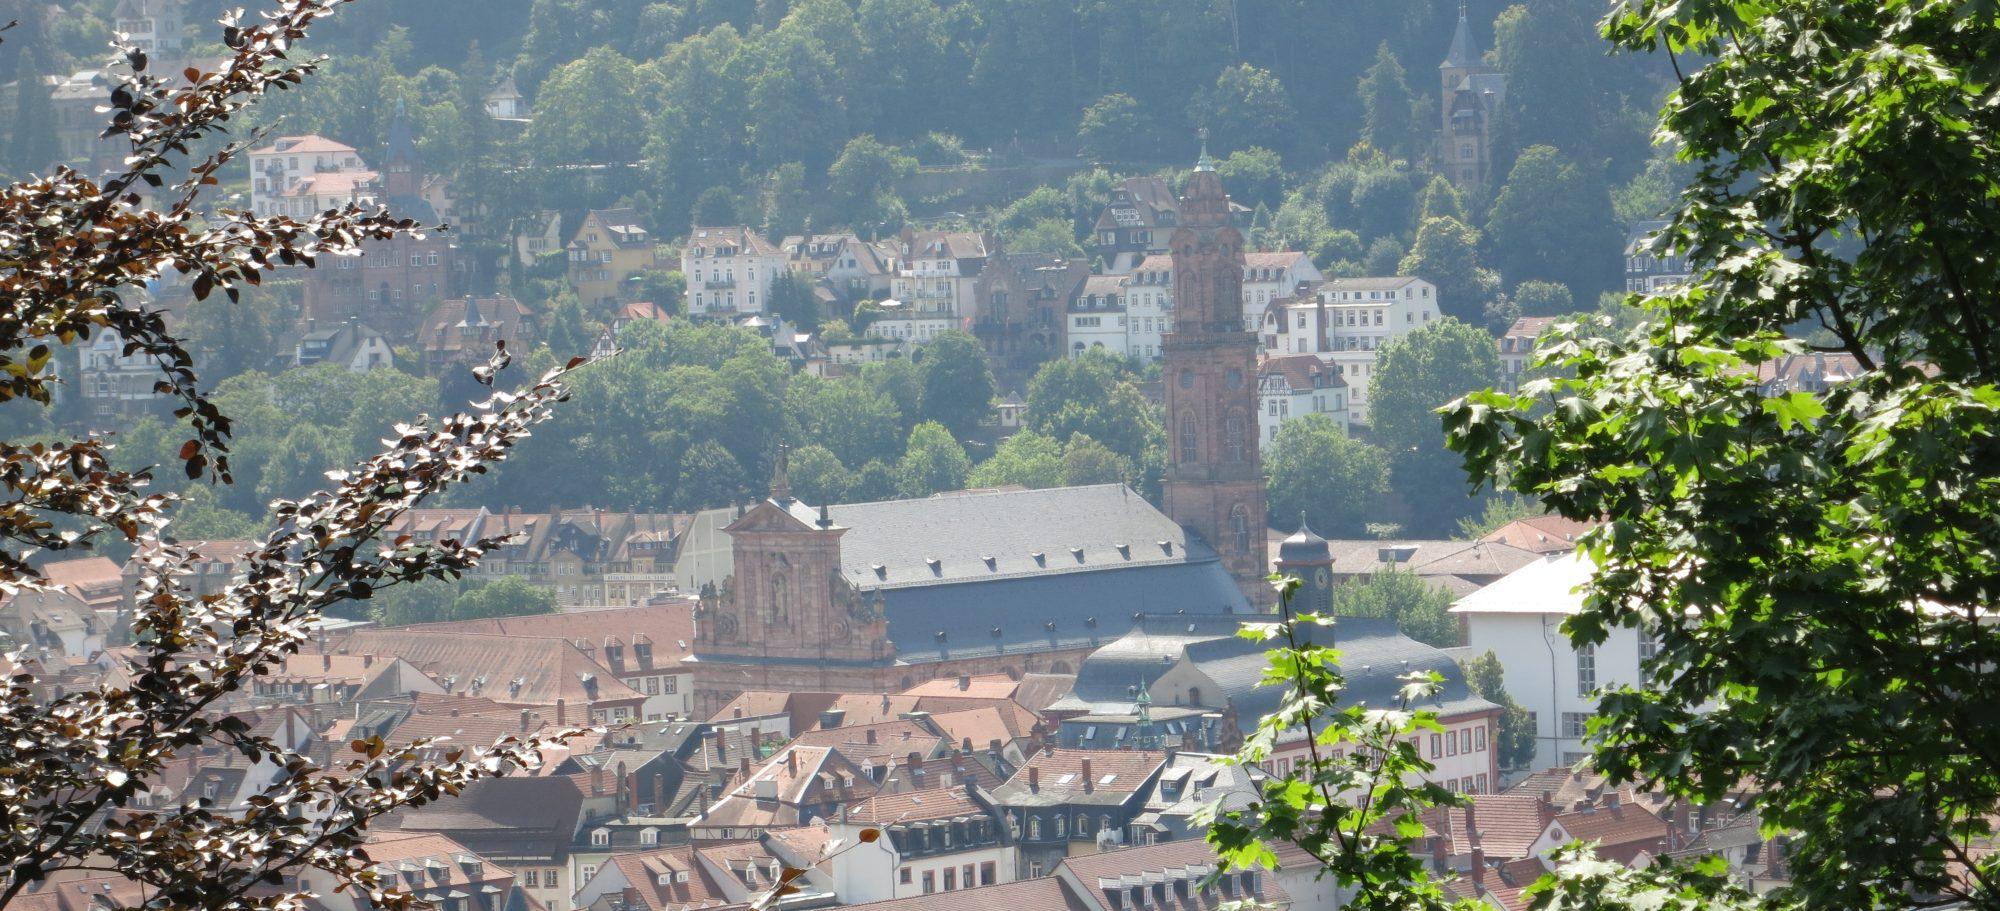 Ferienwohnung Heidelberg